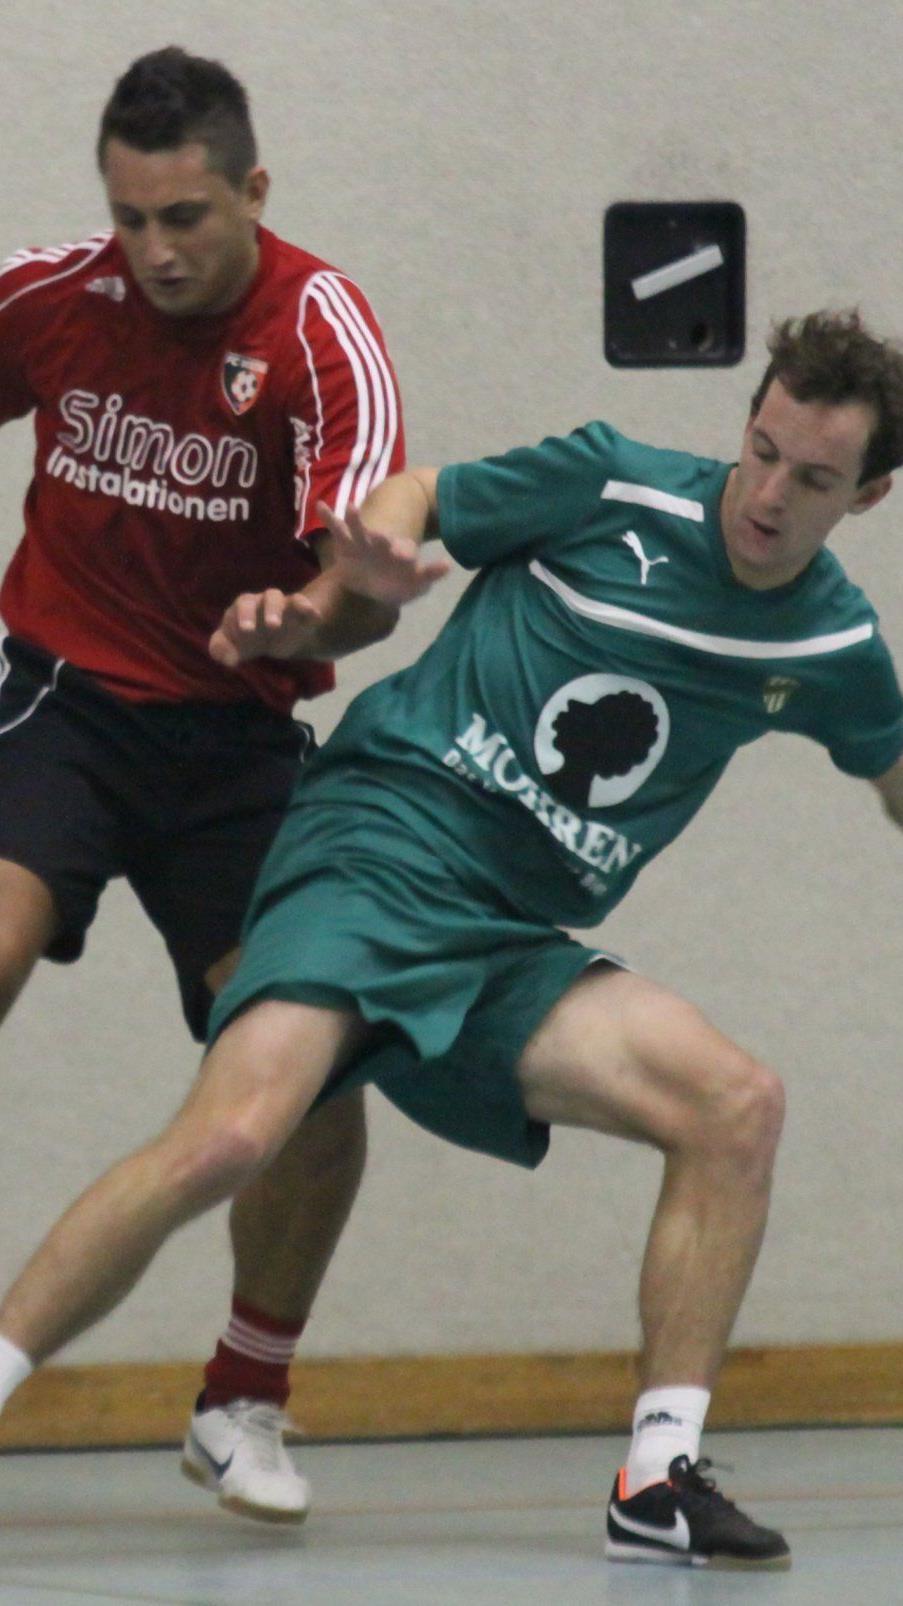 Simon Installationen FC Mäder gewinnt die letzte Vorrundengruppe.